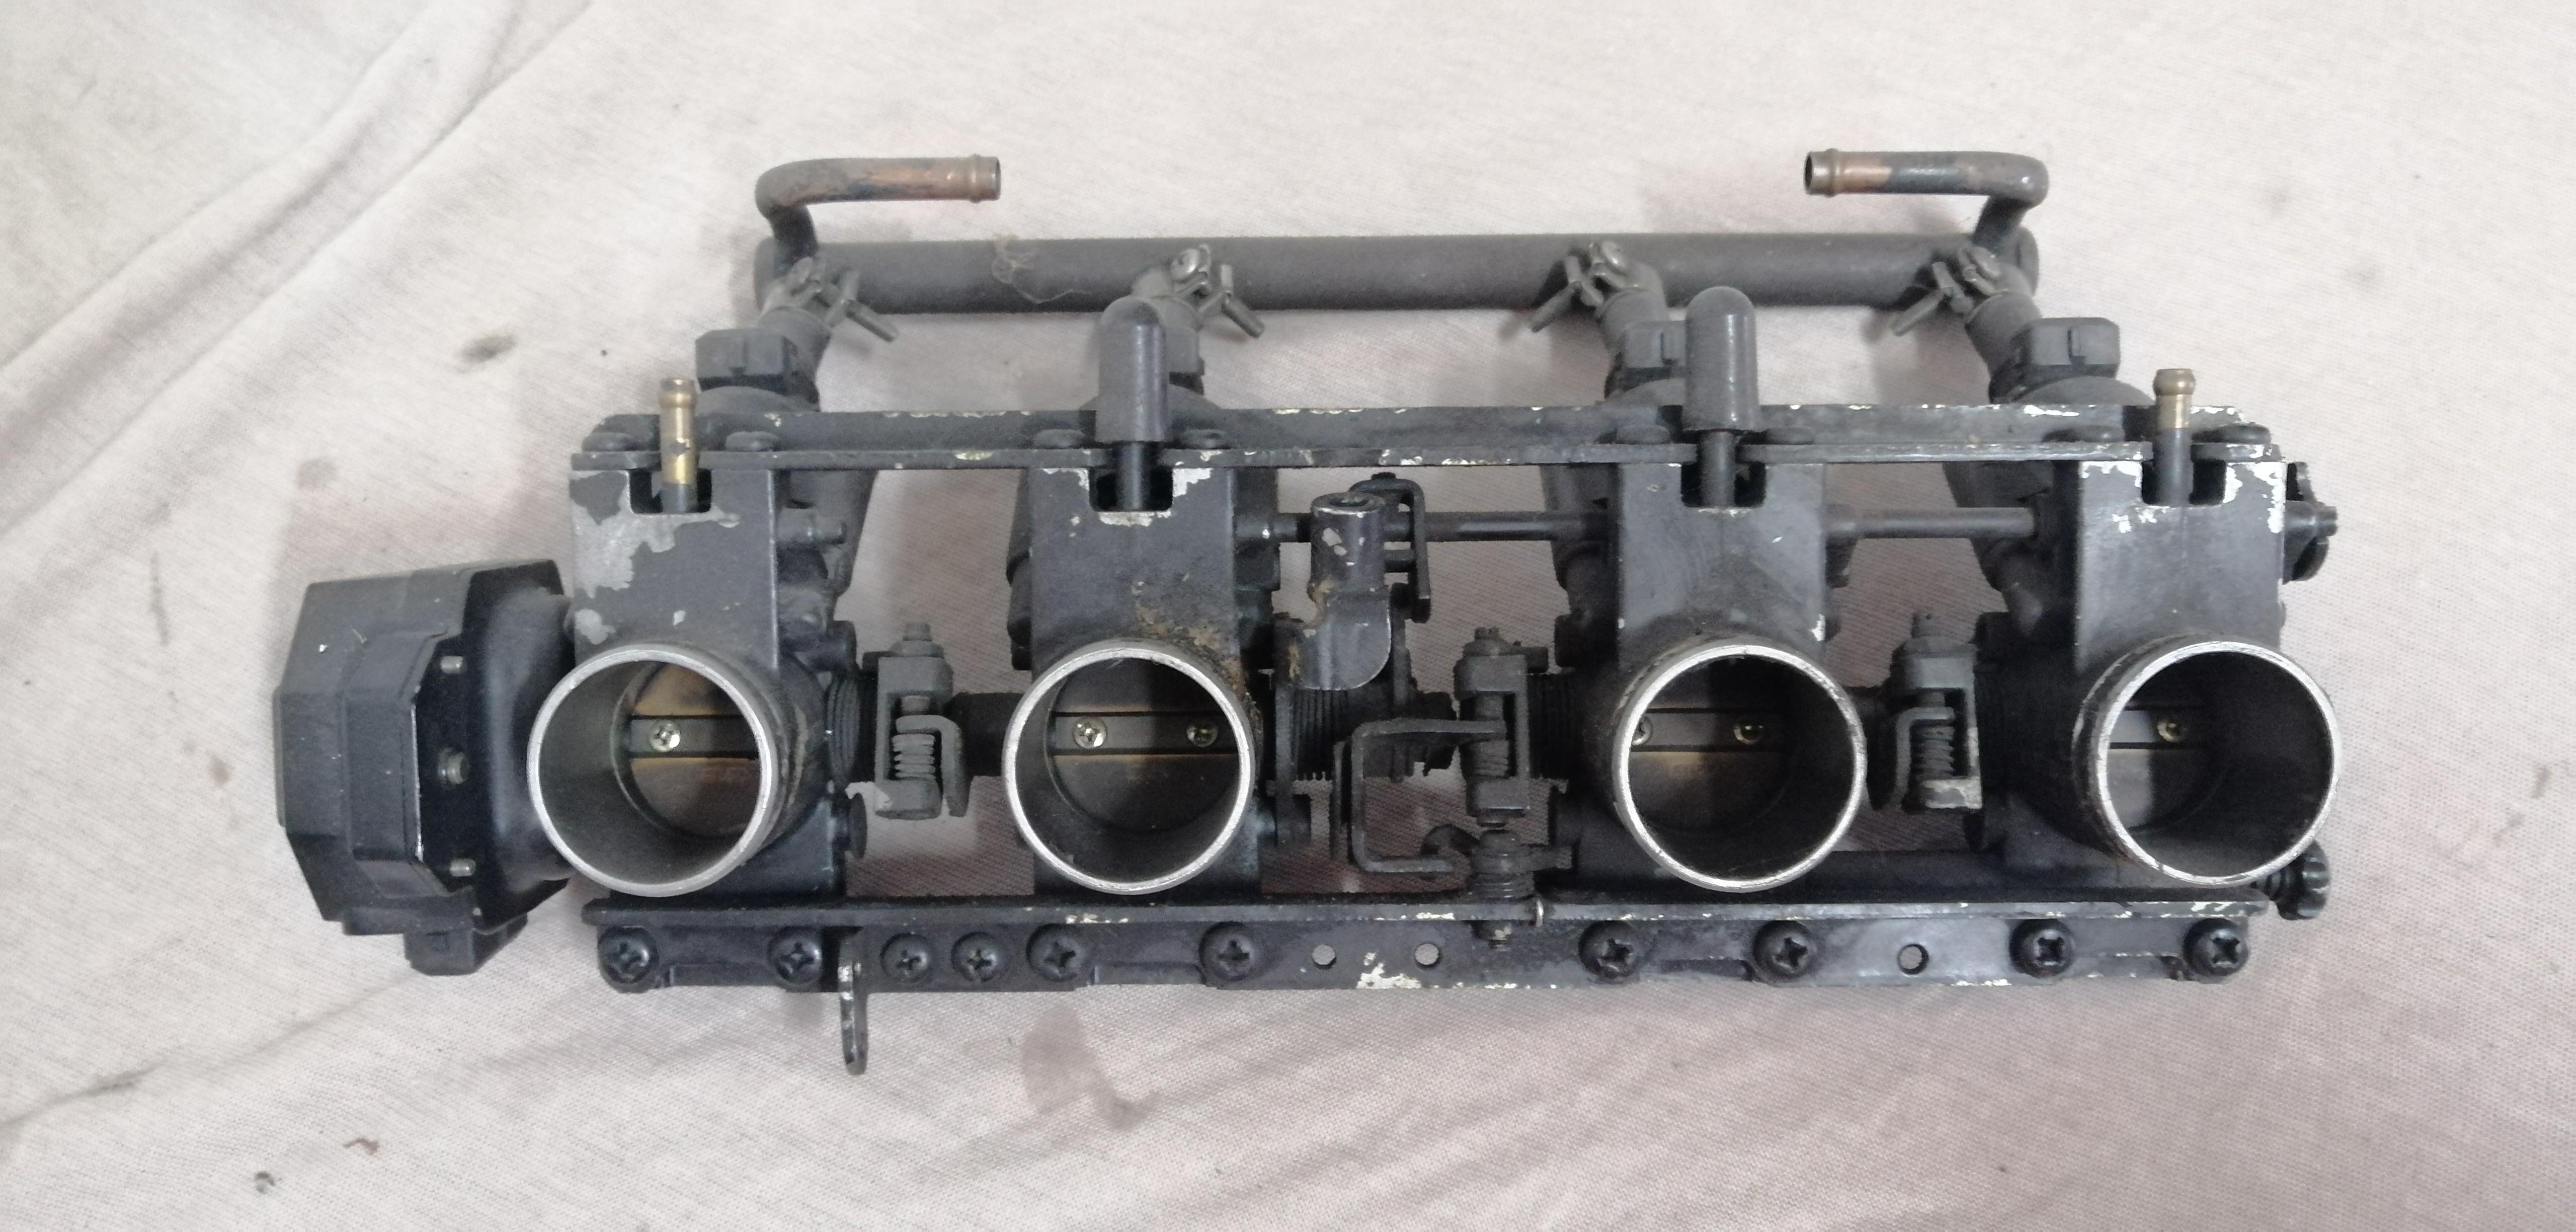 Kawasaki GPz 1100 UT Einspritzanlage Einspritzung